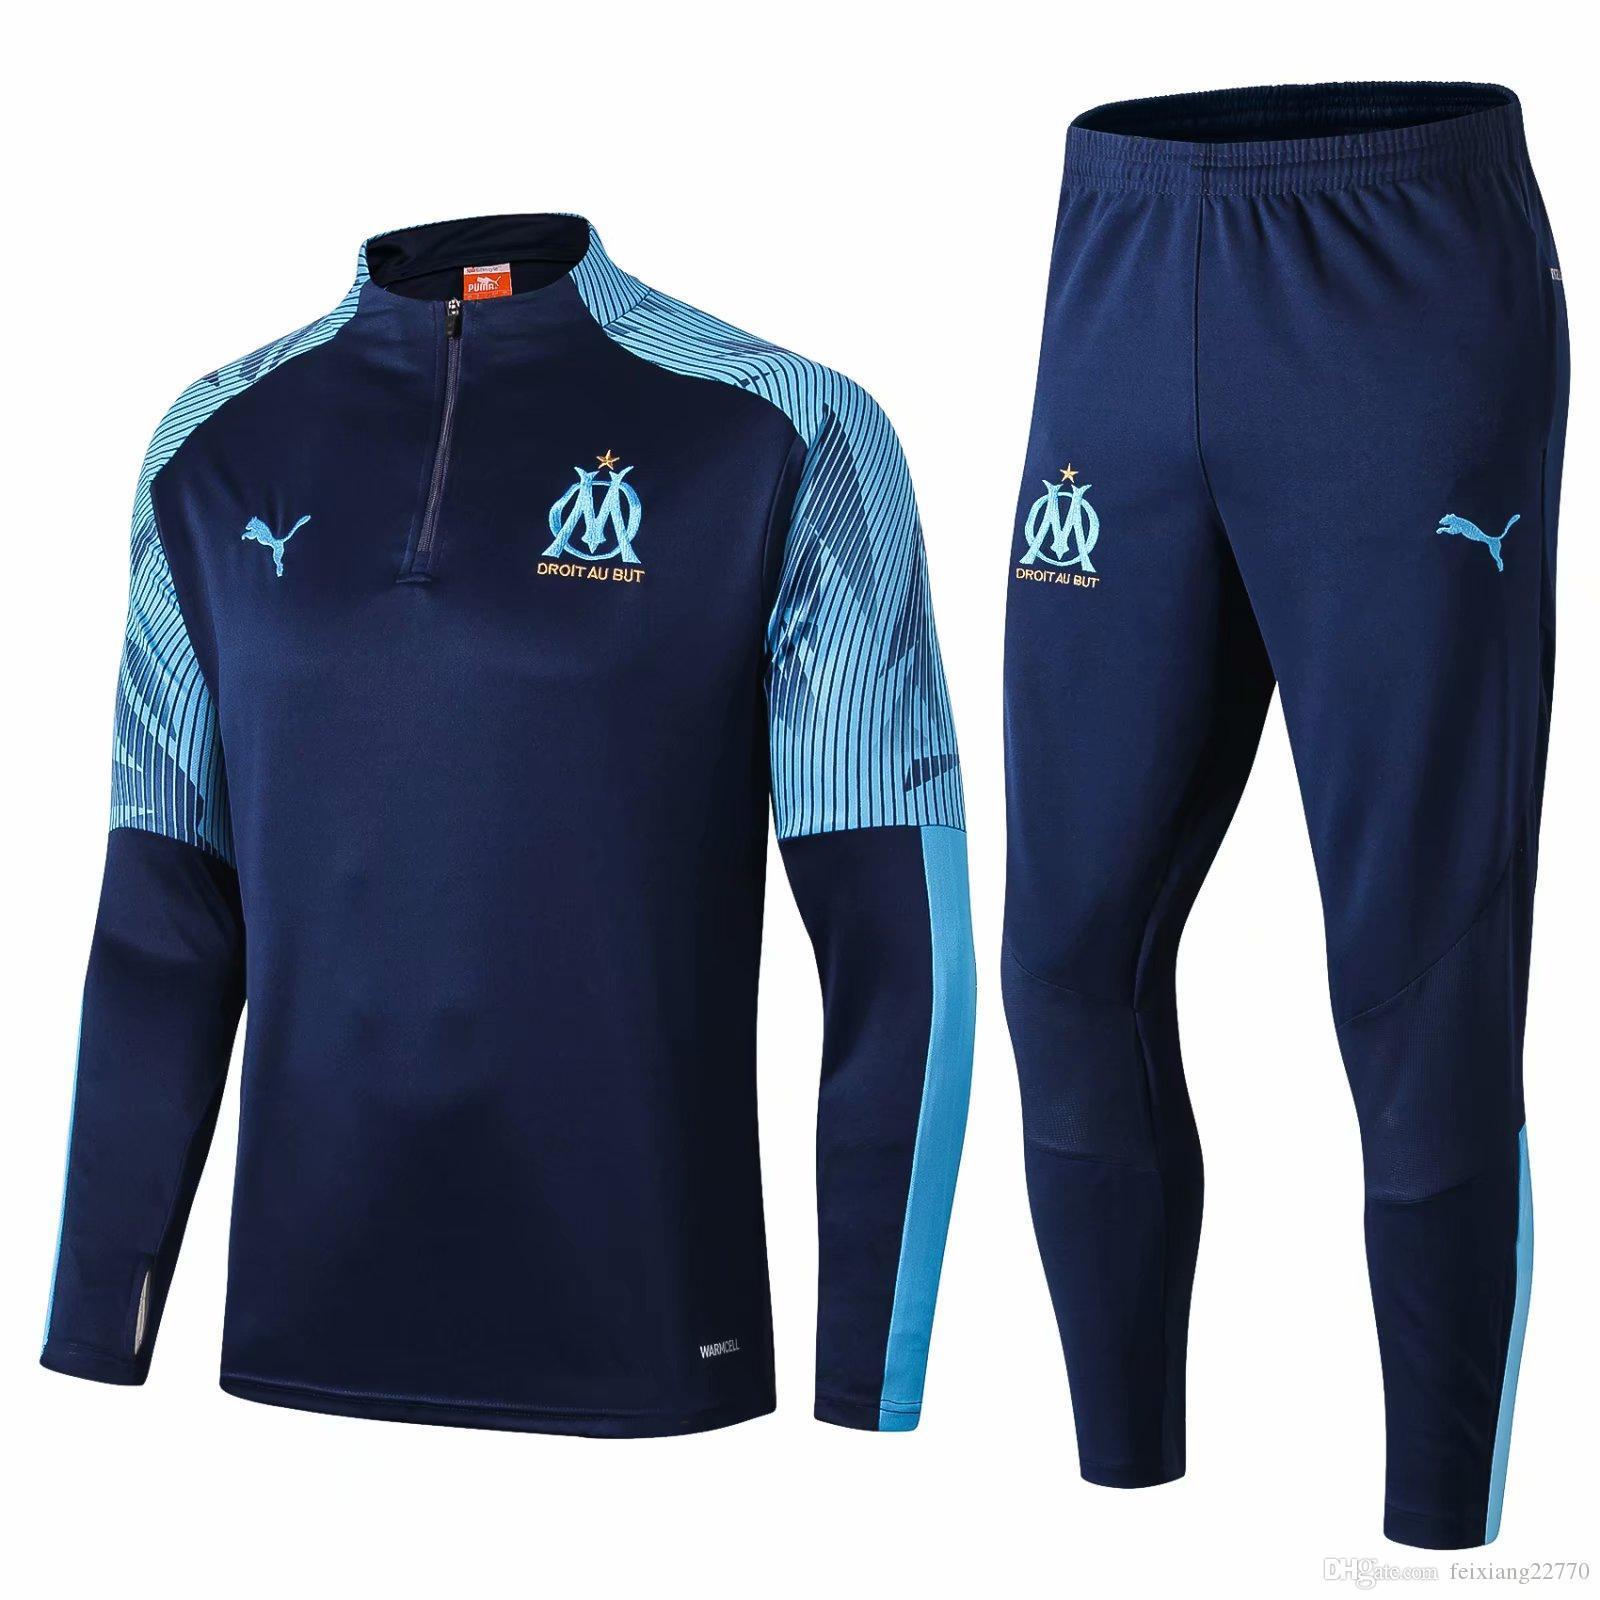 2019 2020 Olympique de Marseille Survêtement Veste à capuche Survetement 18 19 20 PAYET THAUVIN sweat à capuche OM Survêtement jogging veste de football